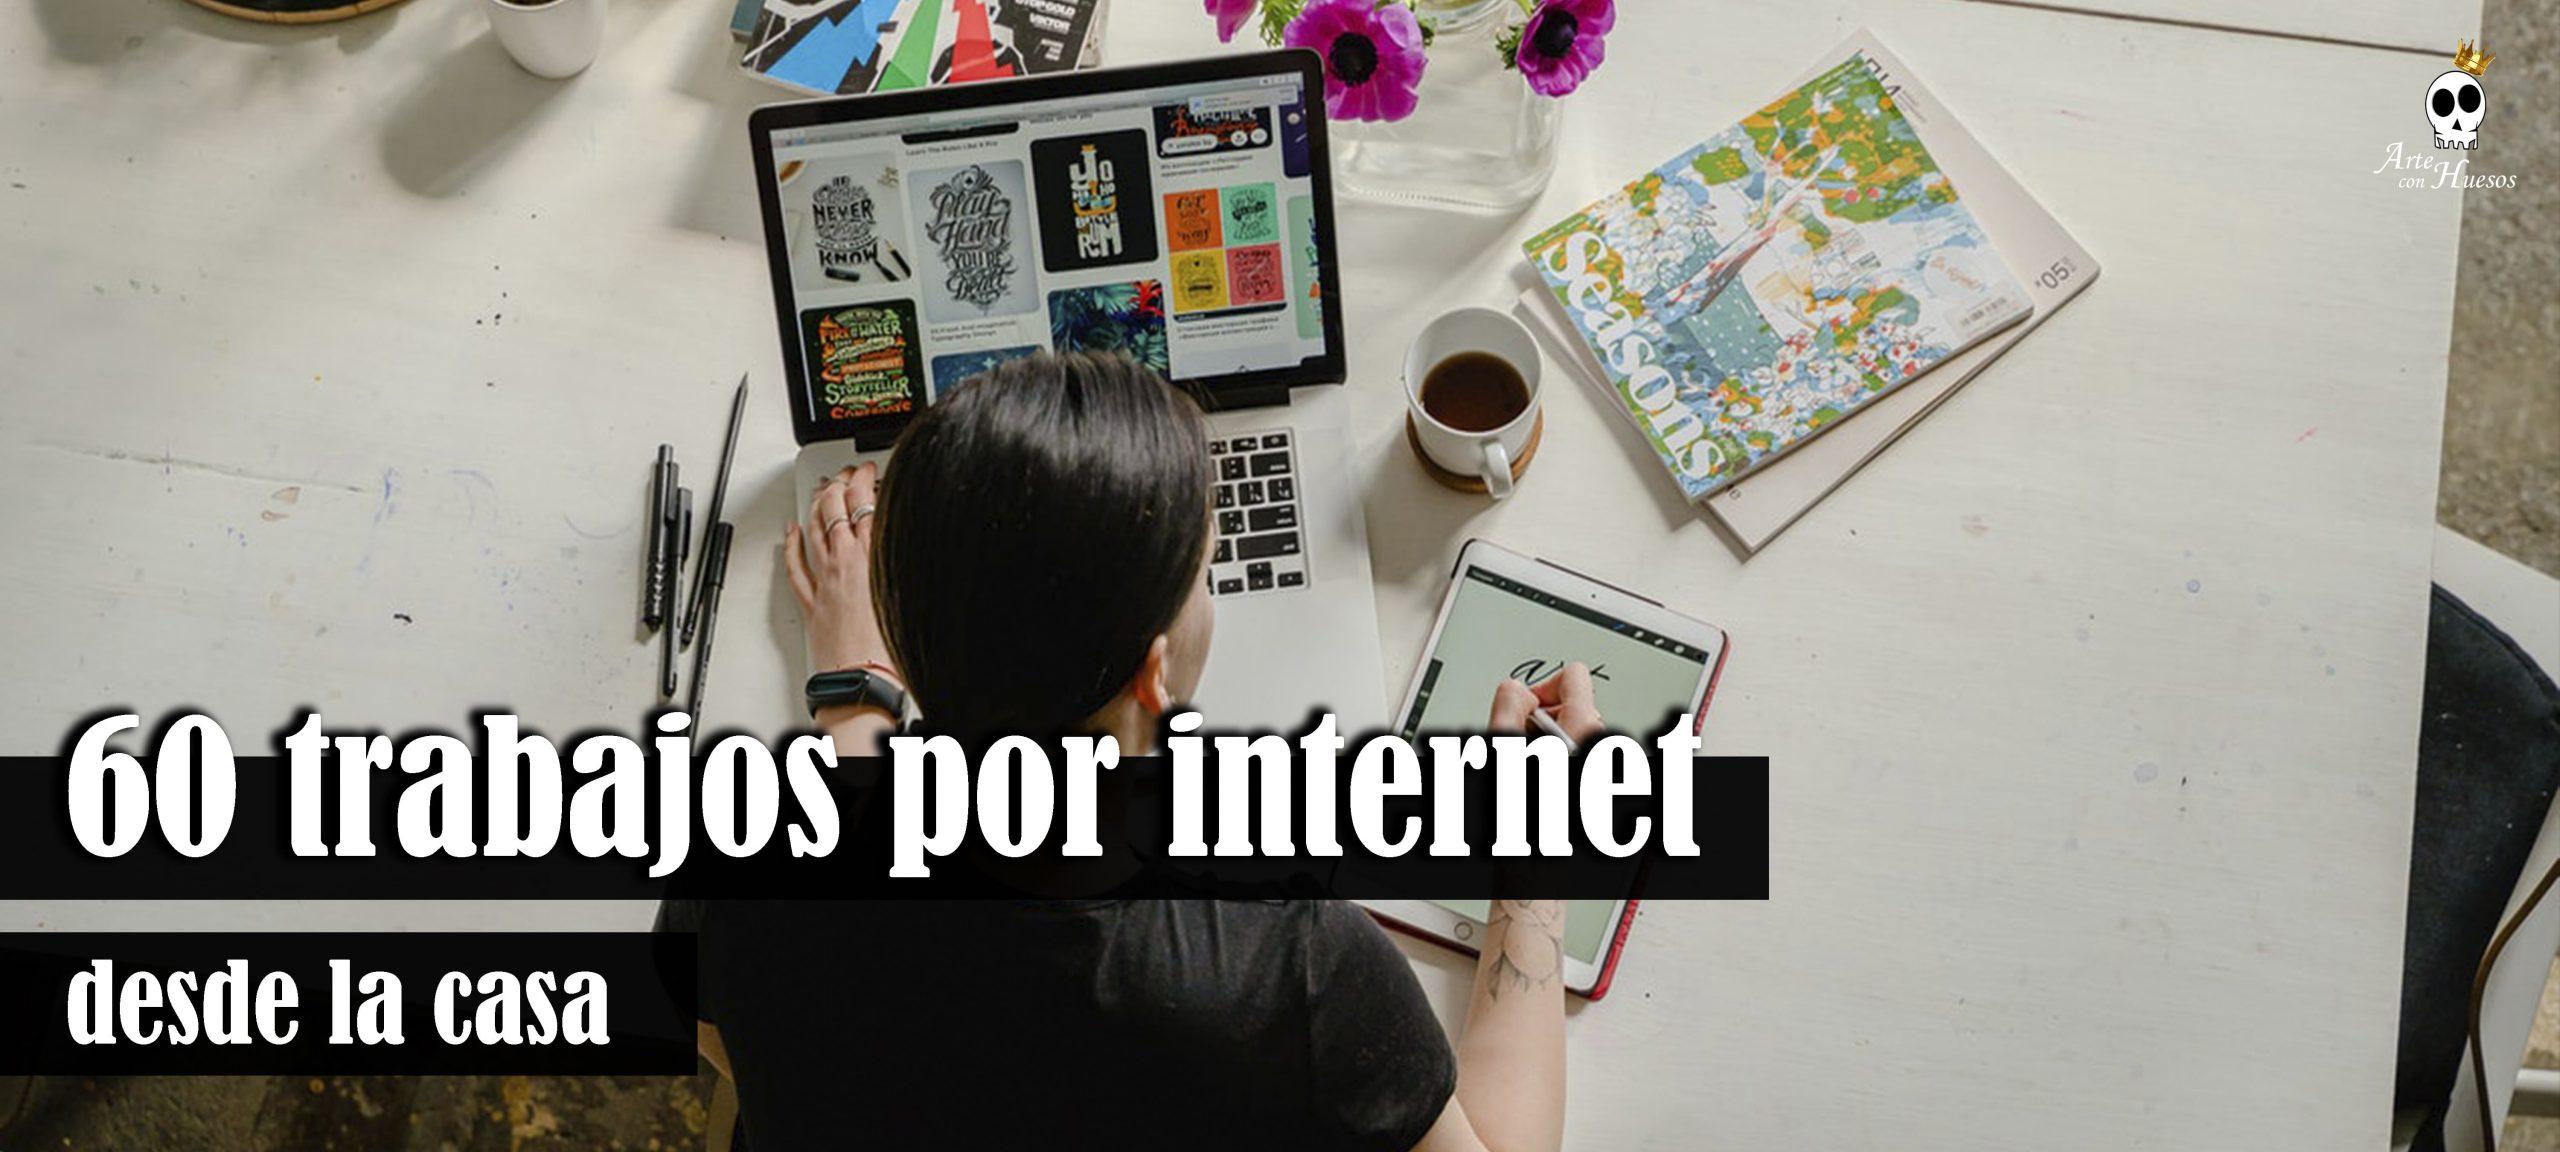 trabajos por internet desde la casa